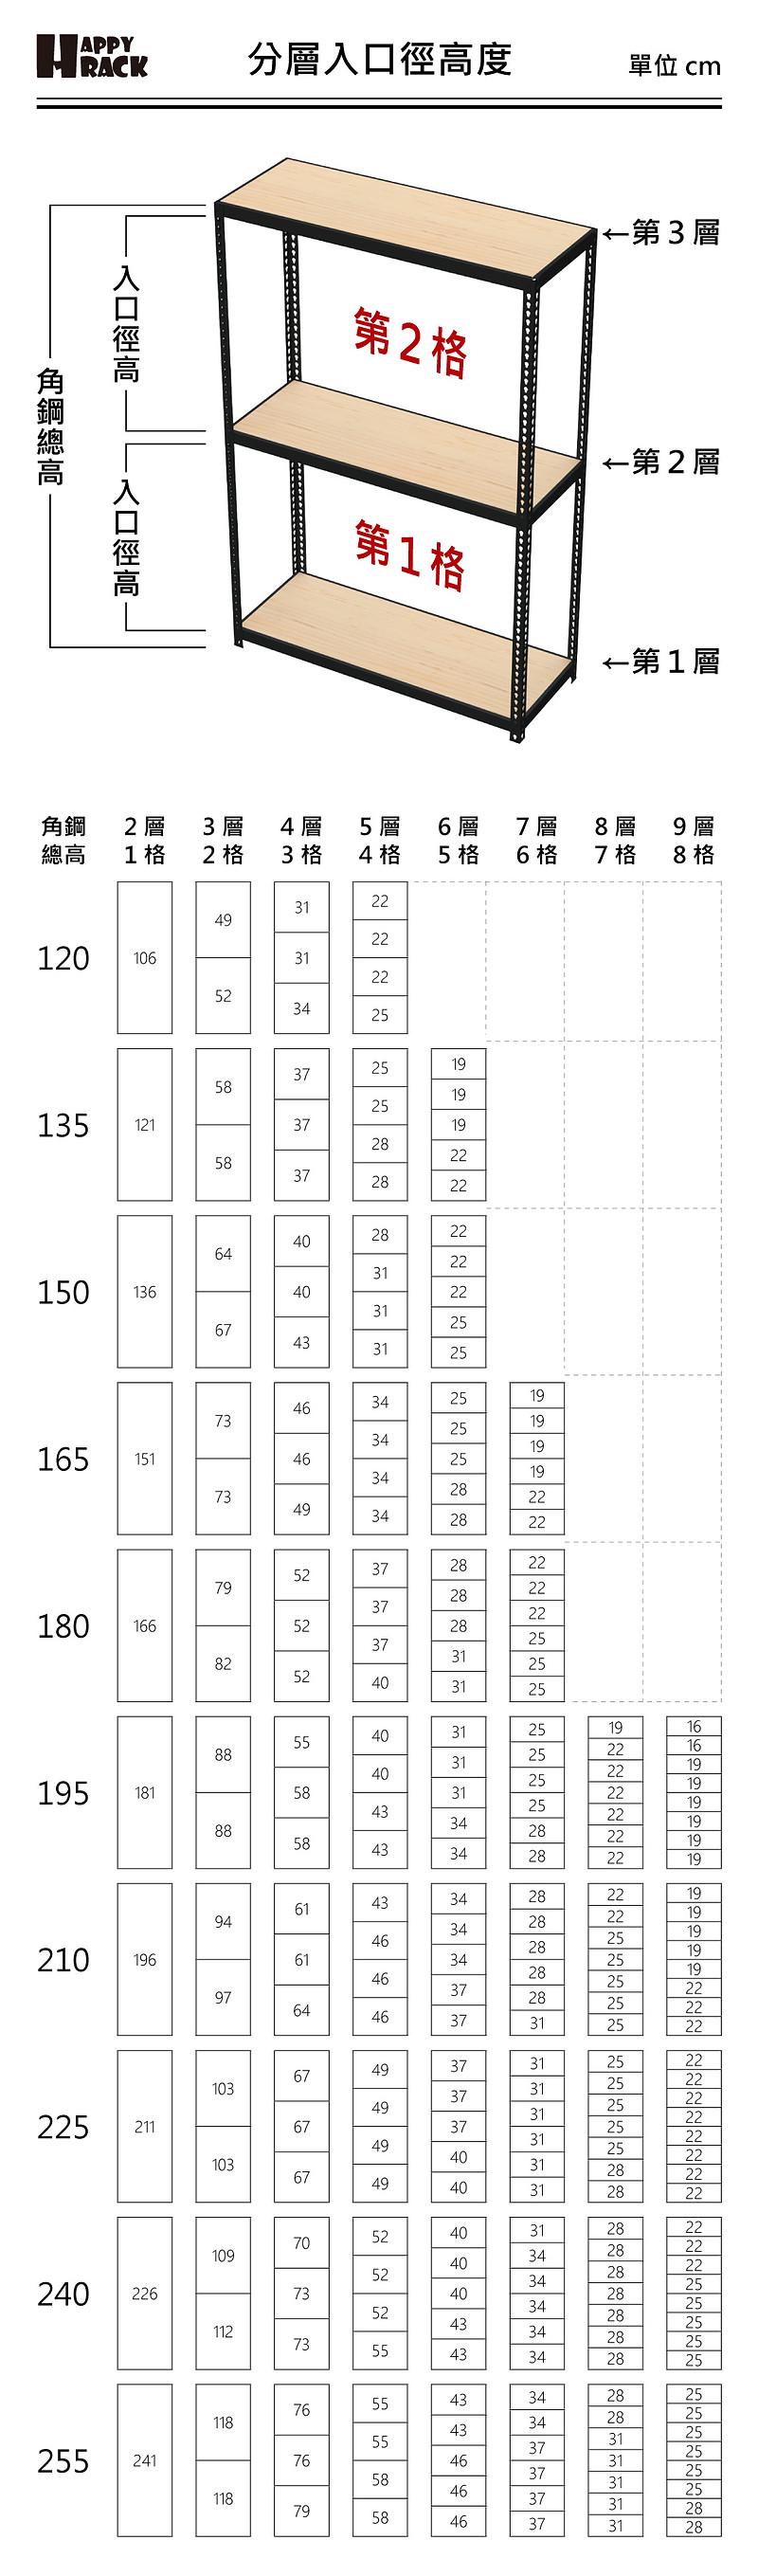 分層解說-1_工作區域 1.jpg